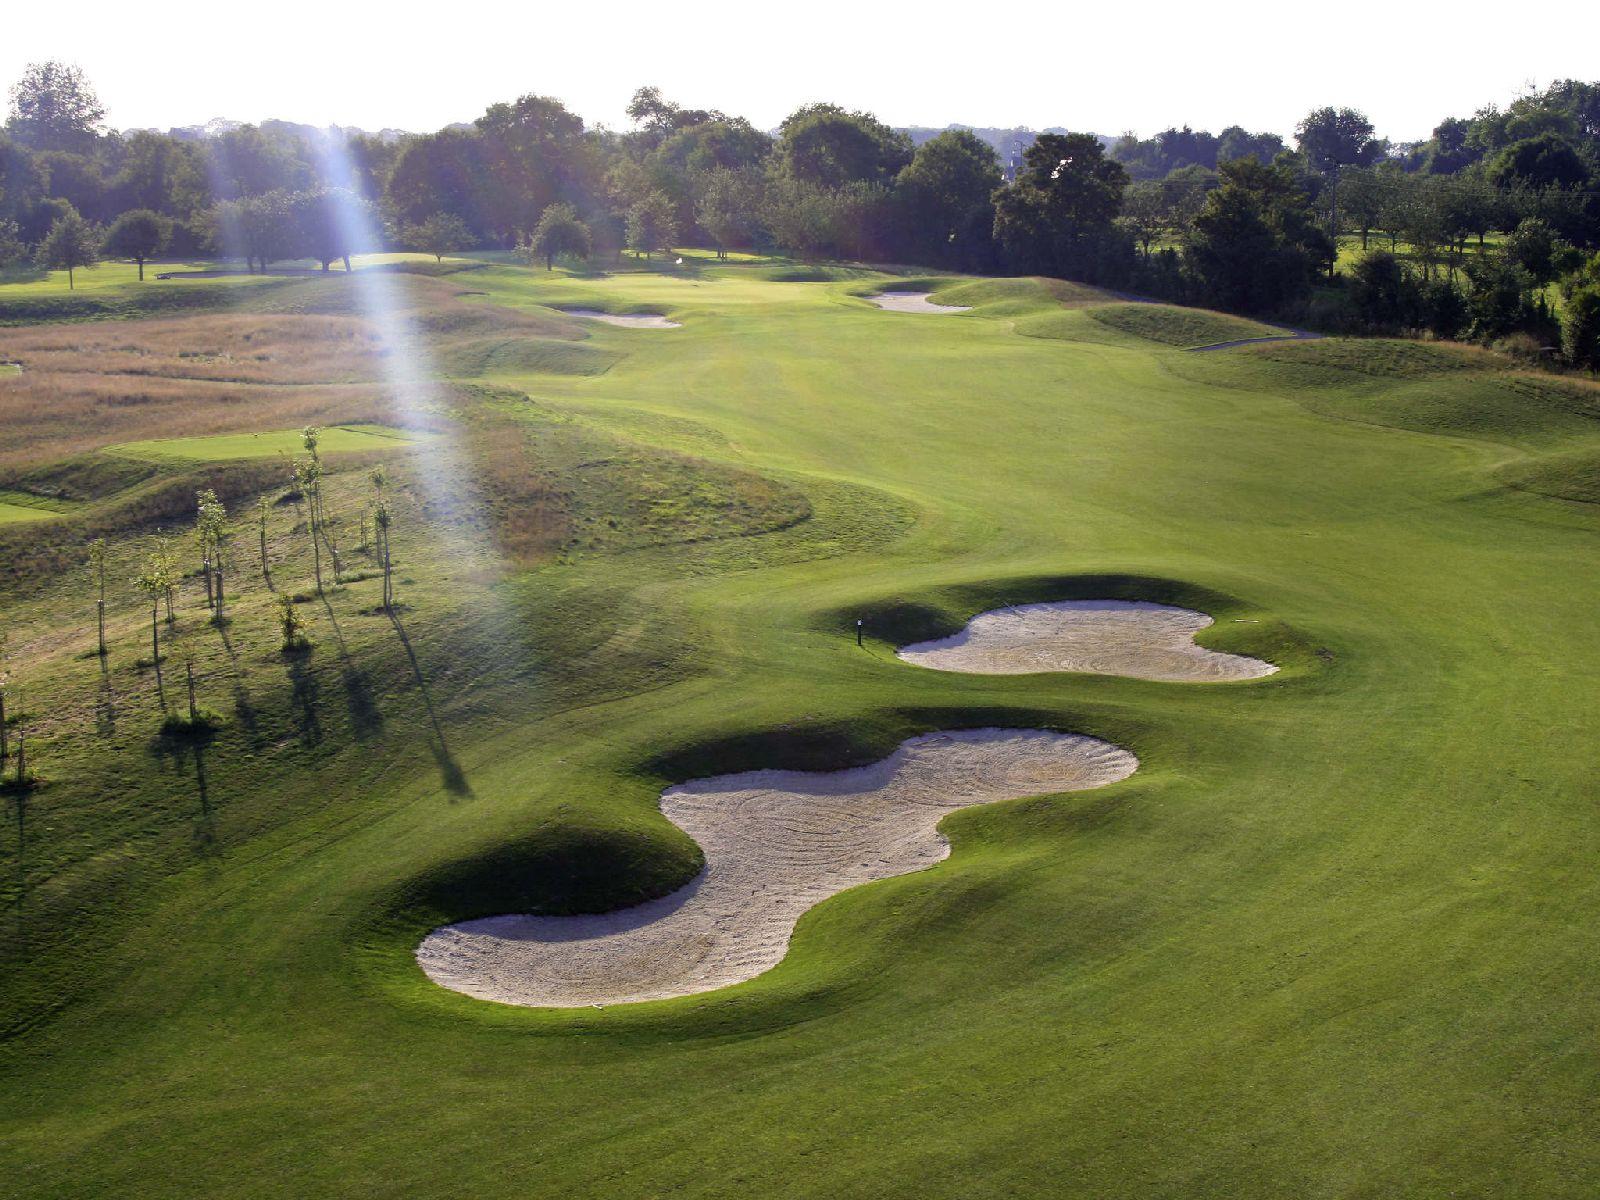 golf-expedition-golf-reizen-frankrijk-regio-normandië-hotel-mercure-omaha-beach-golfbaan-met-bunker.jpg